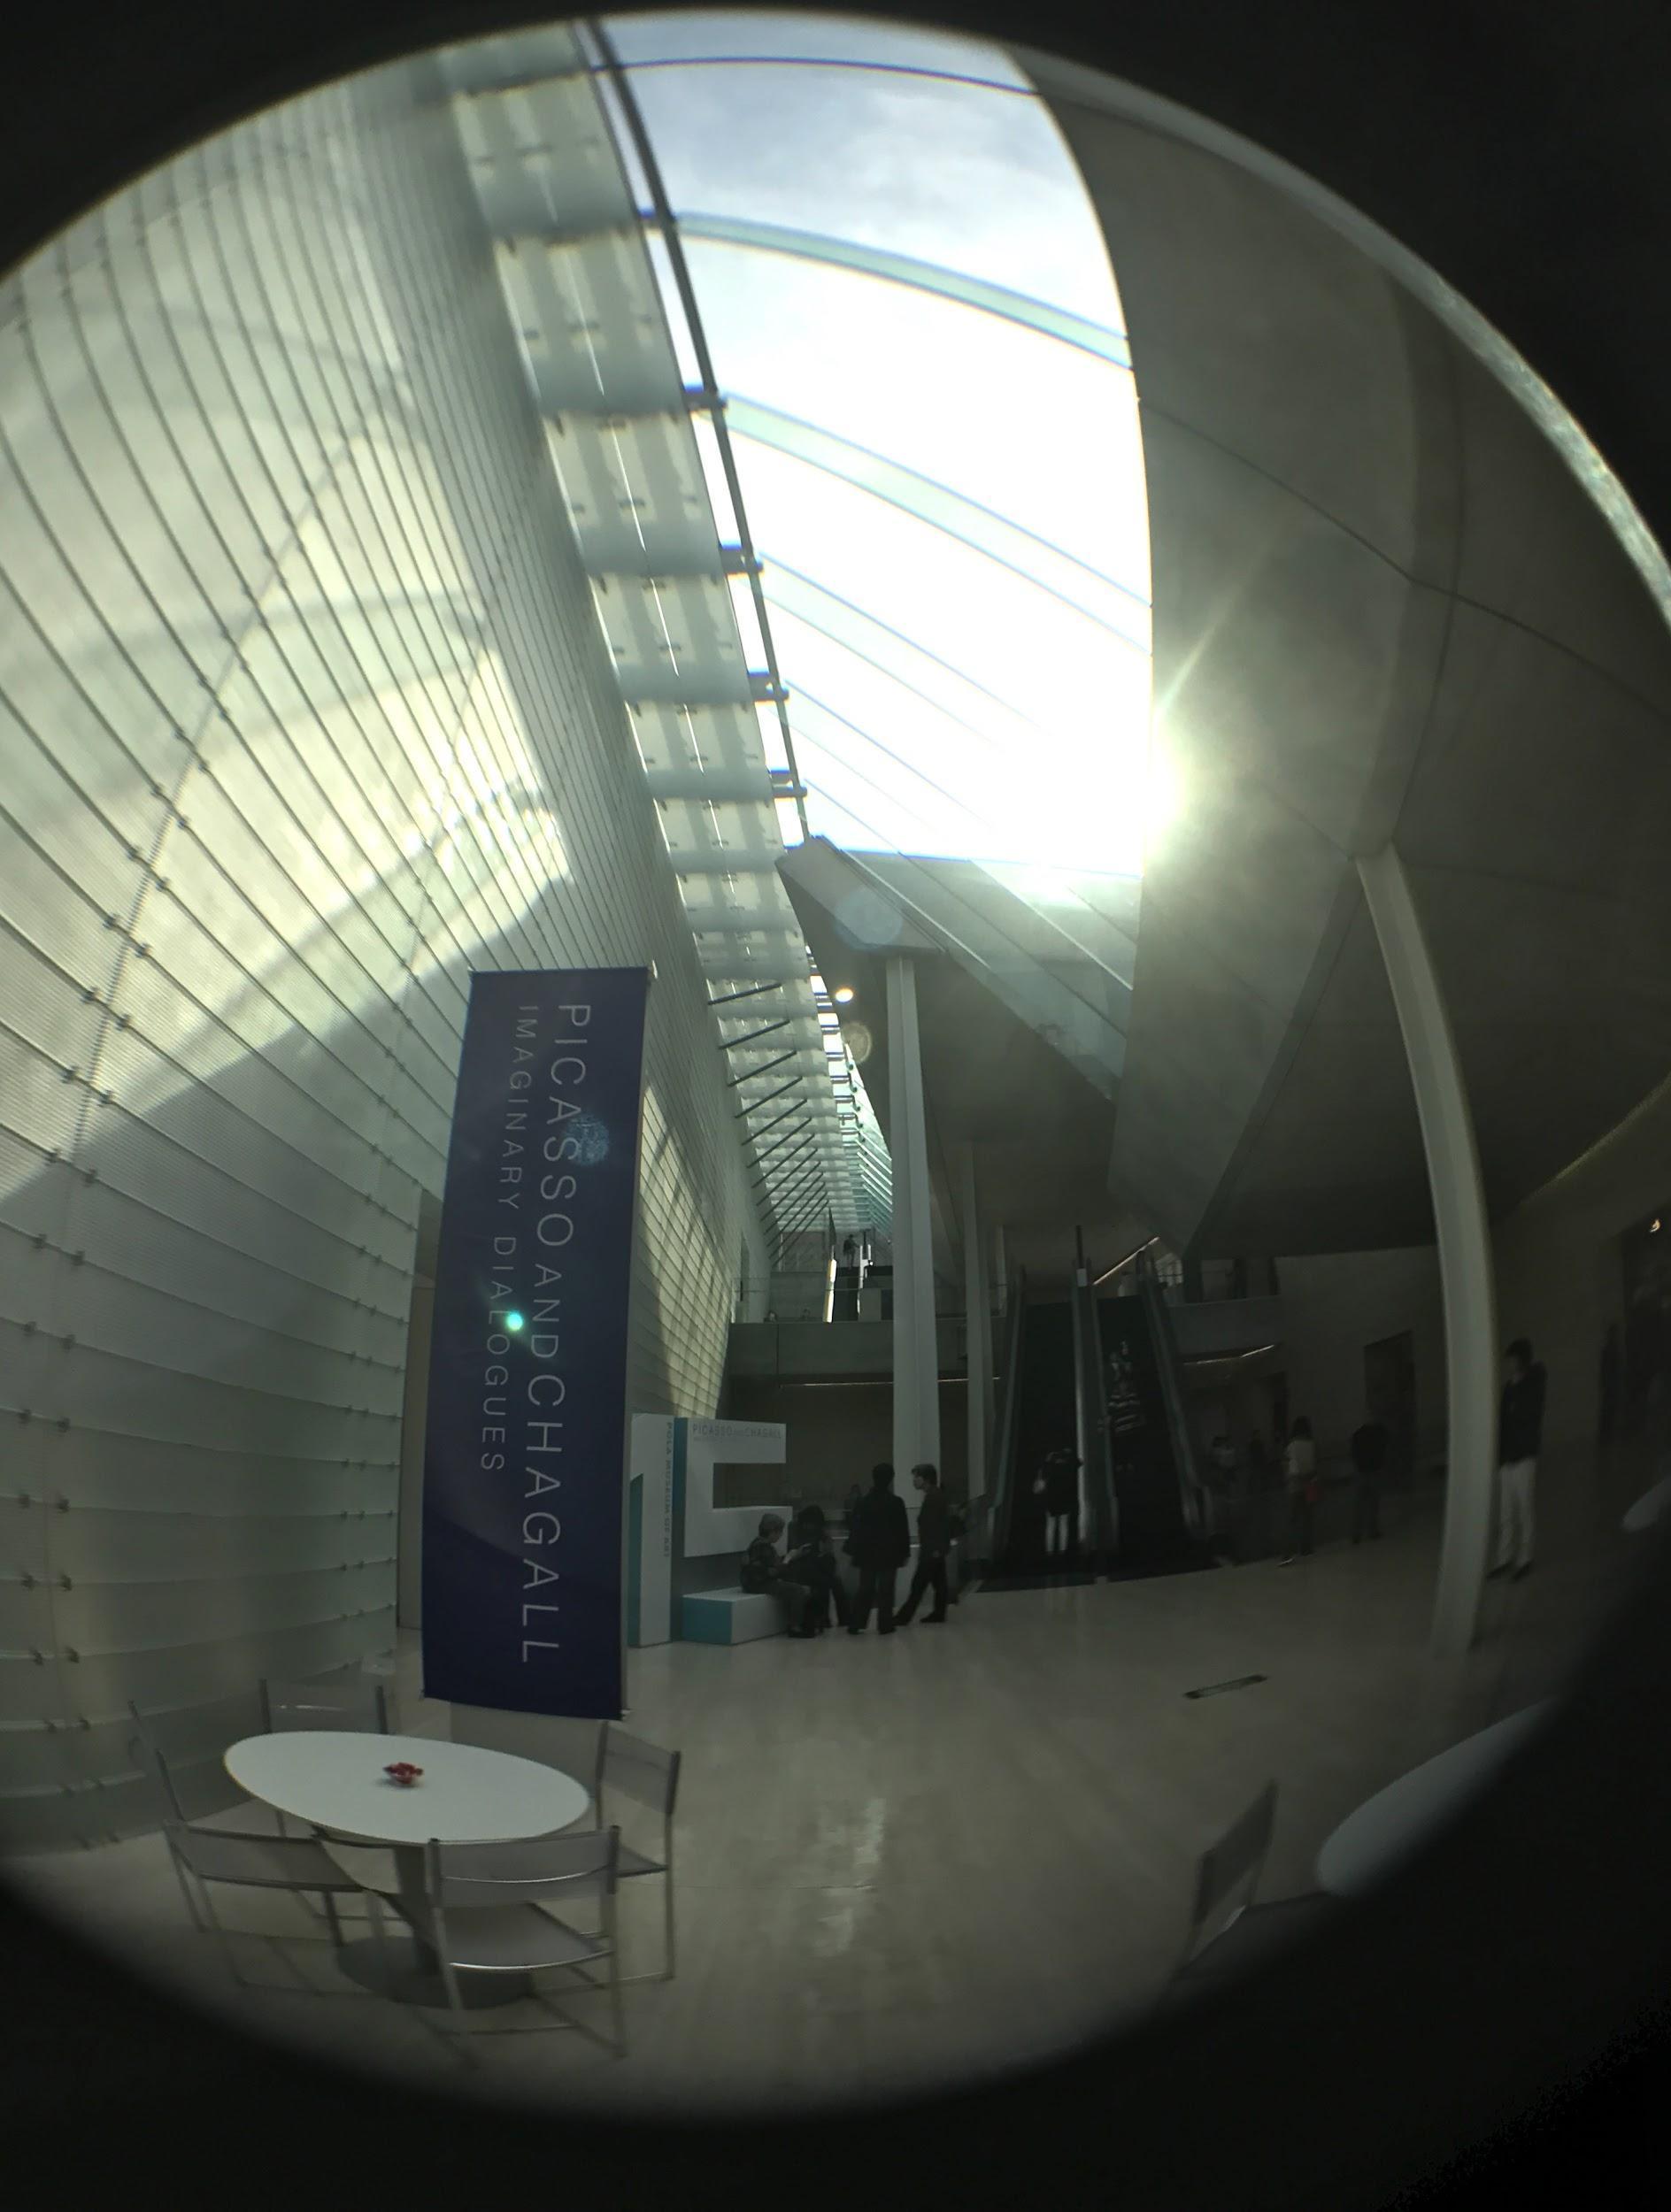 岡田さんが魚眼レンズで撮影した画像